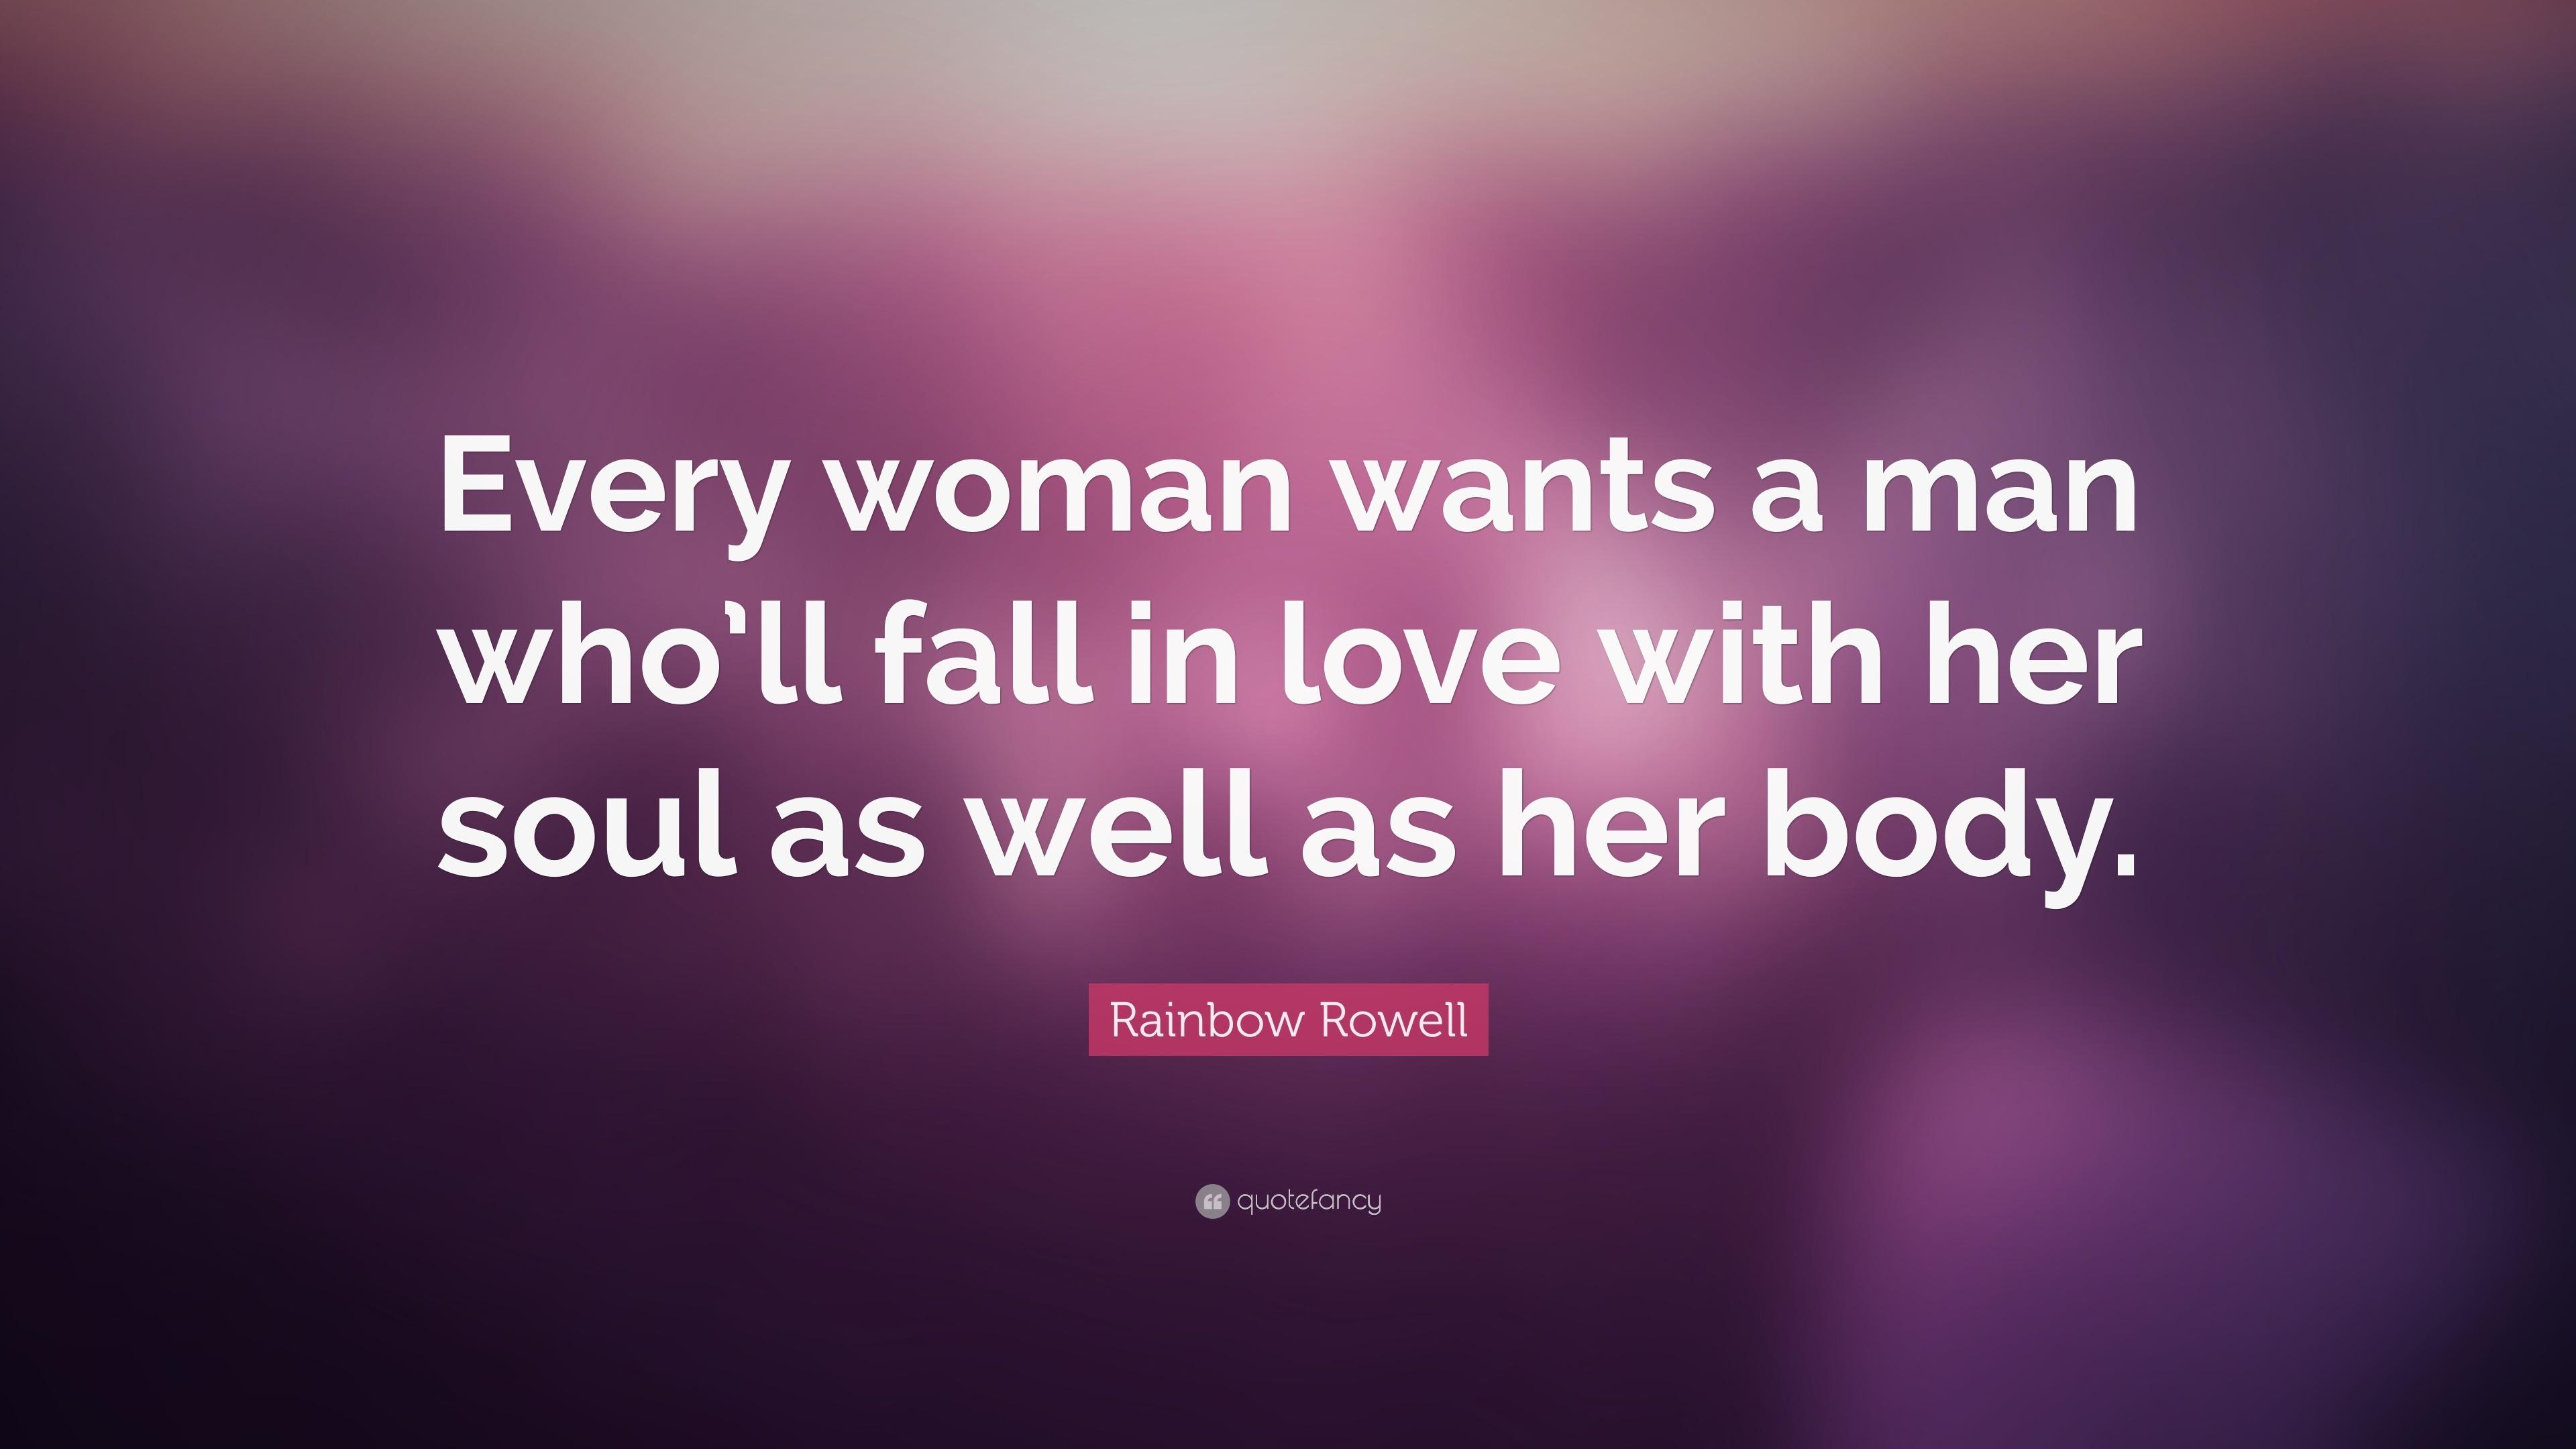 As a woman wants a man 65